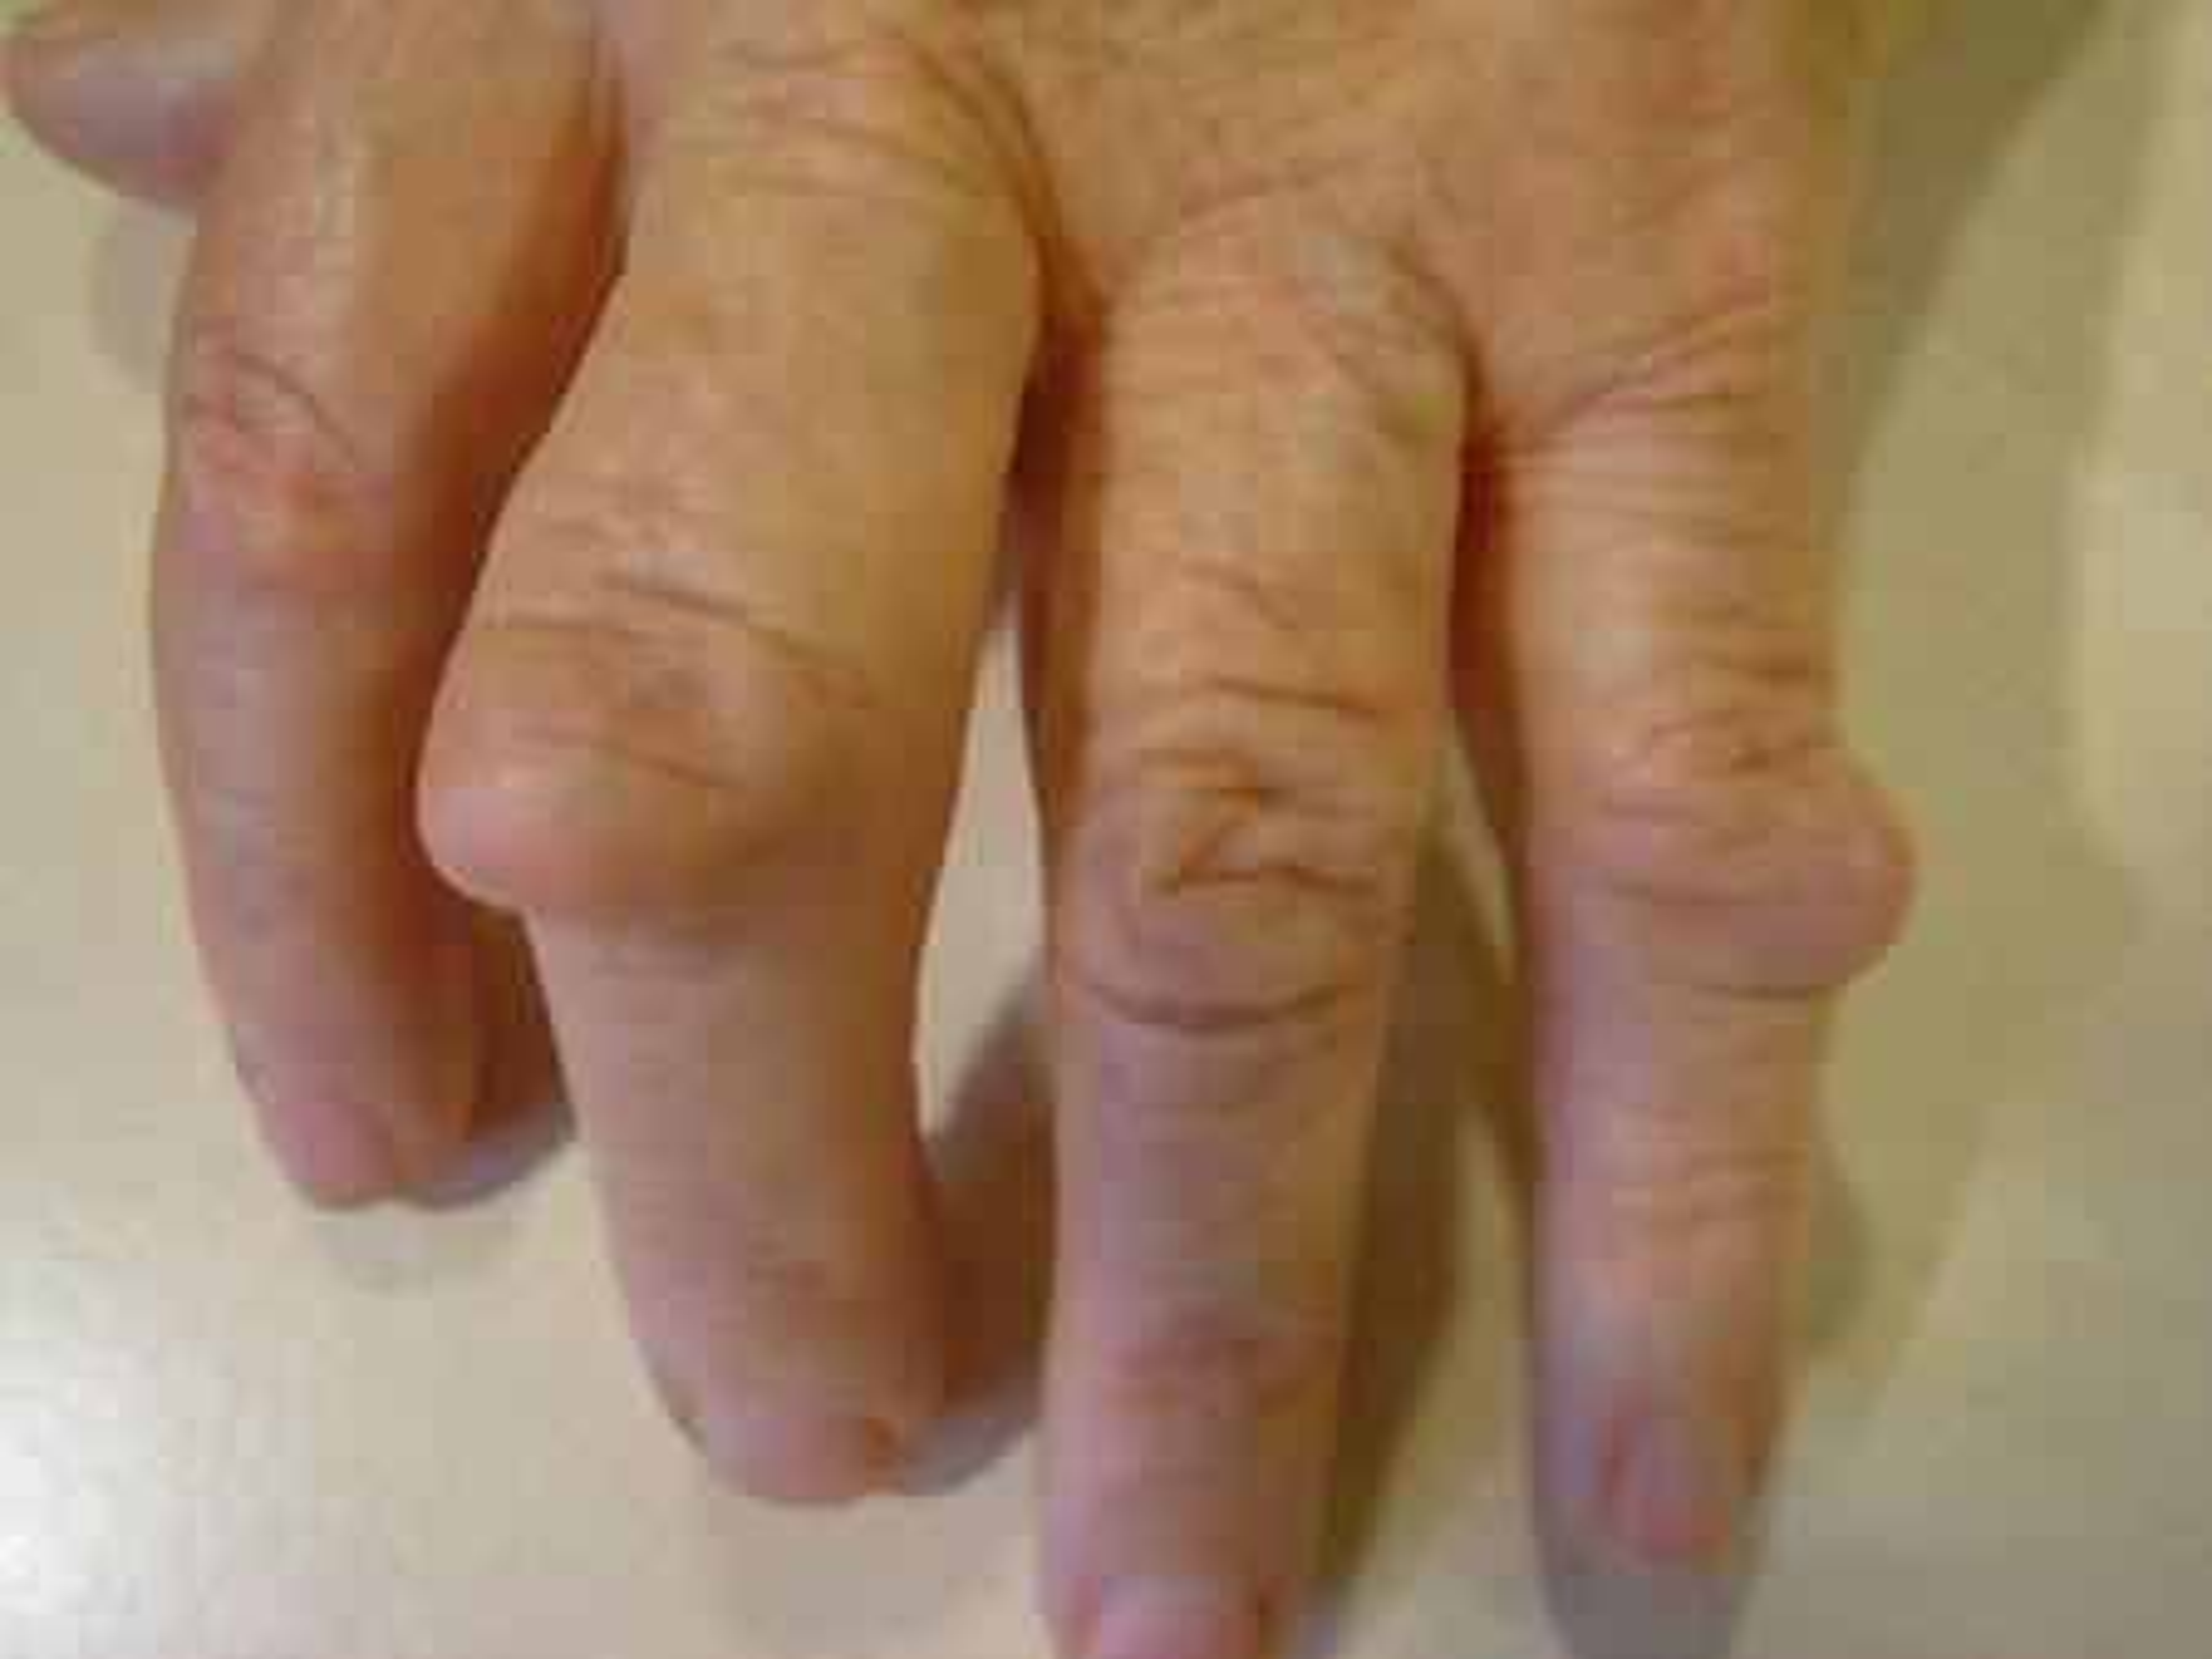 http://www.huidziekten.nl/afbeeldingen/reuma-noduli-3.jpg